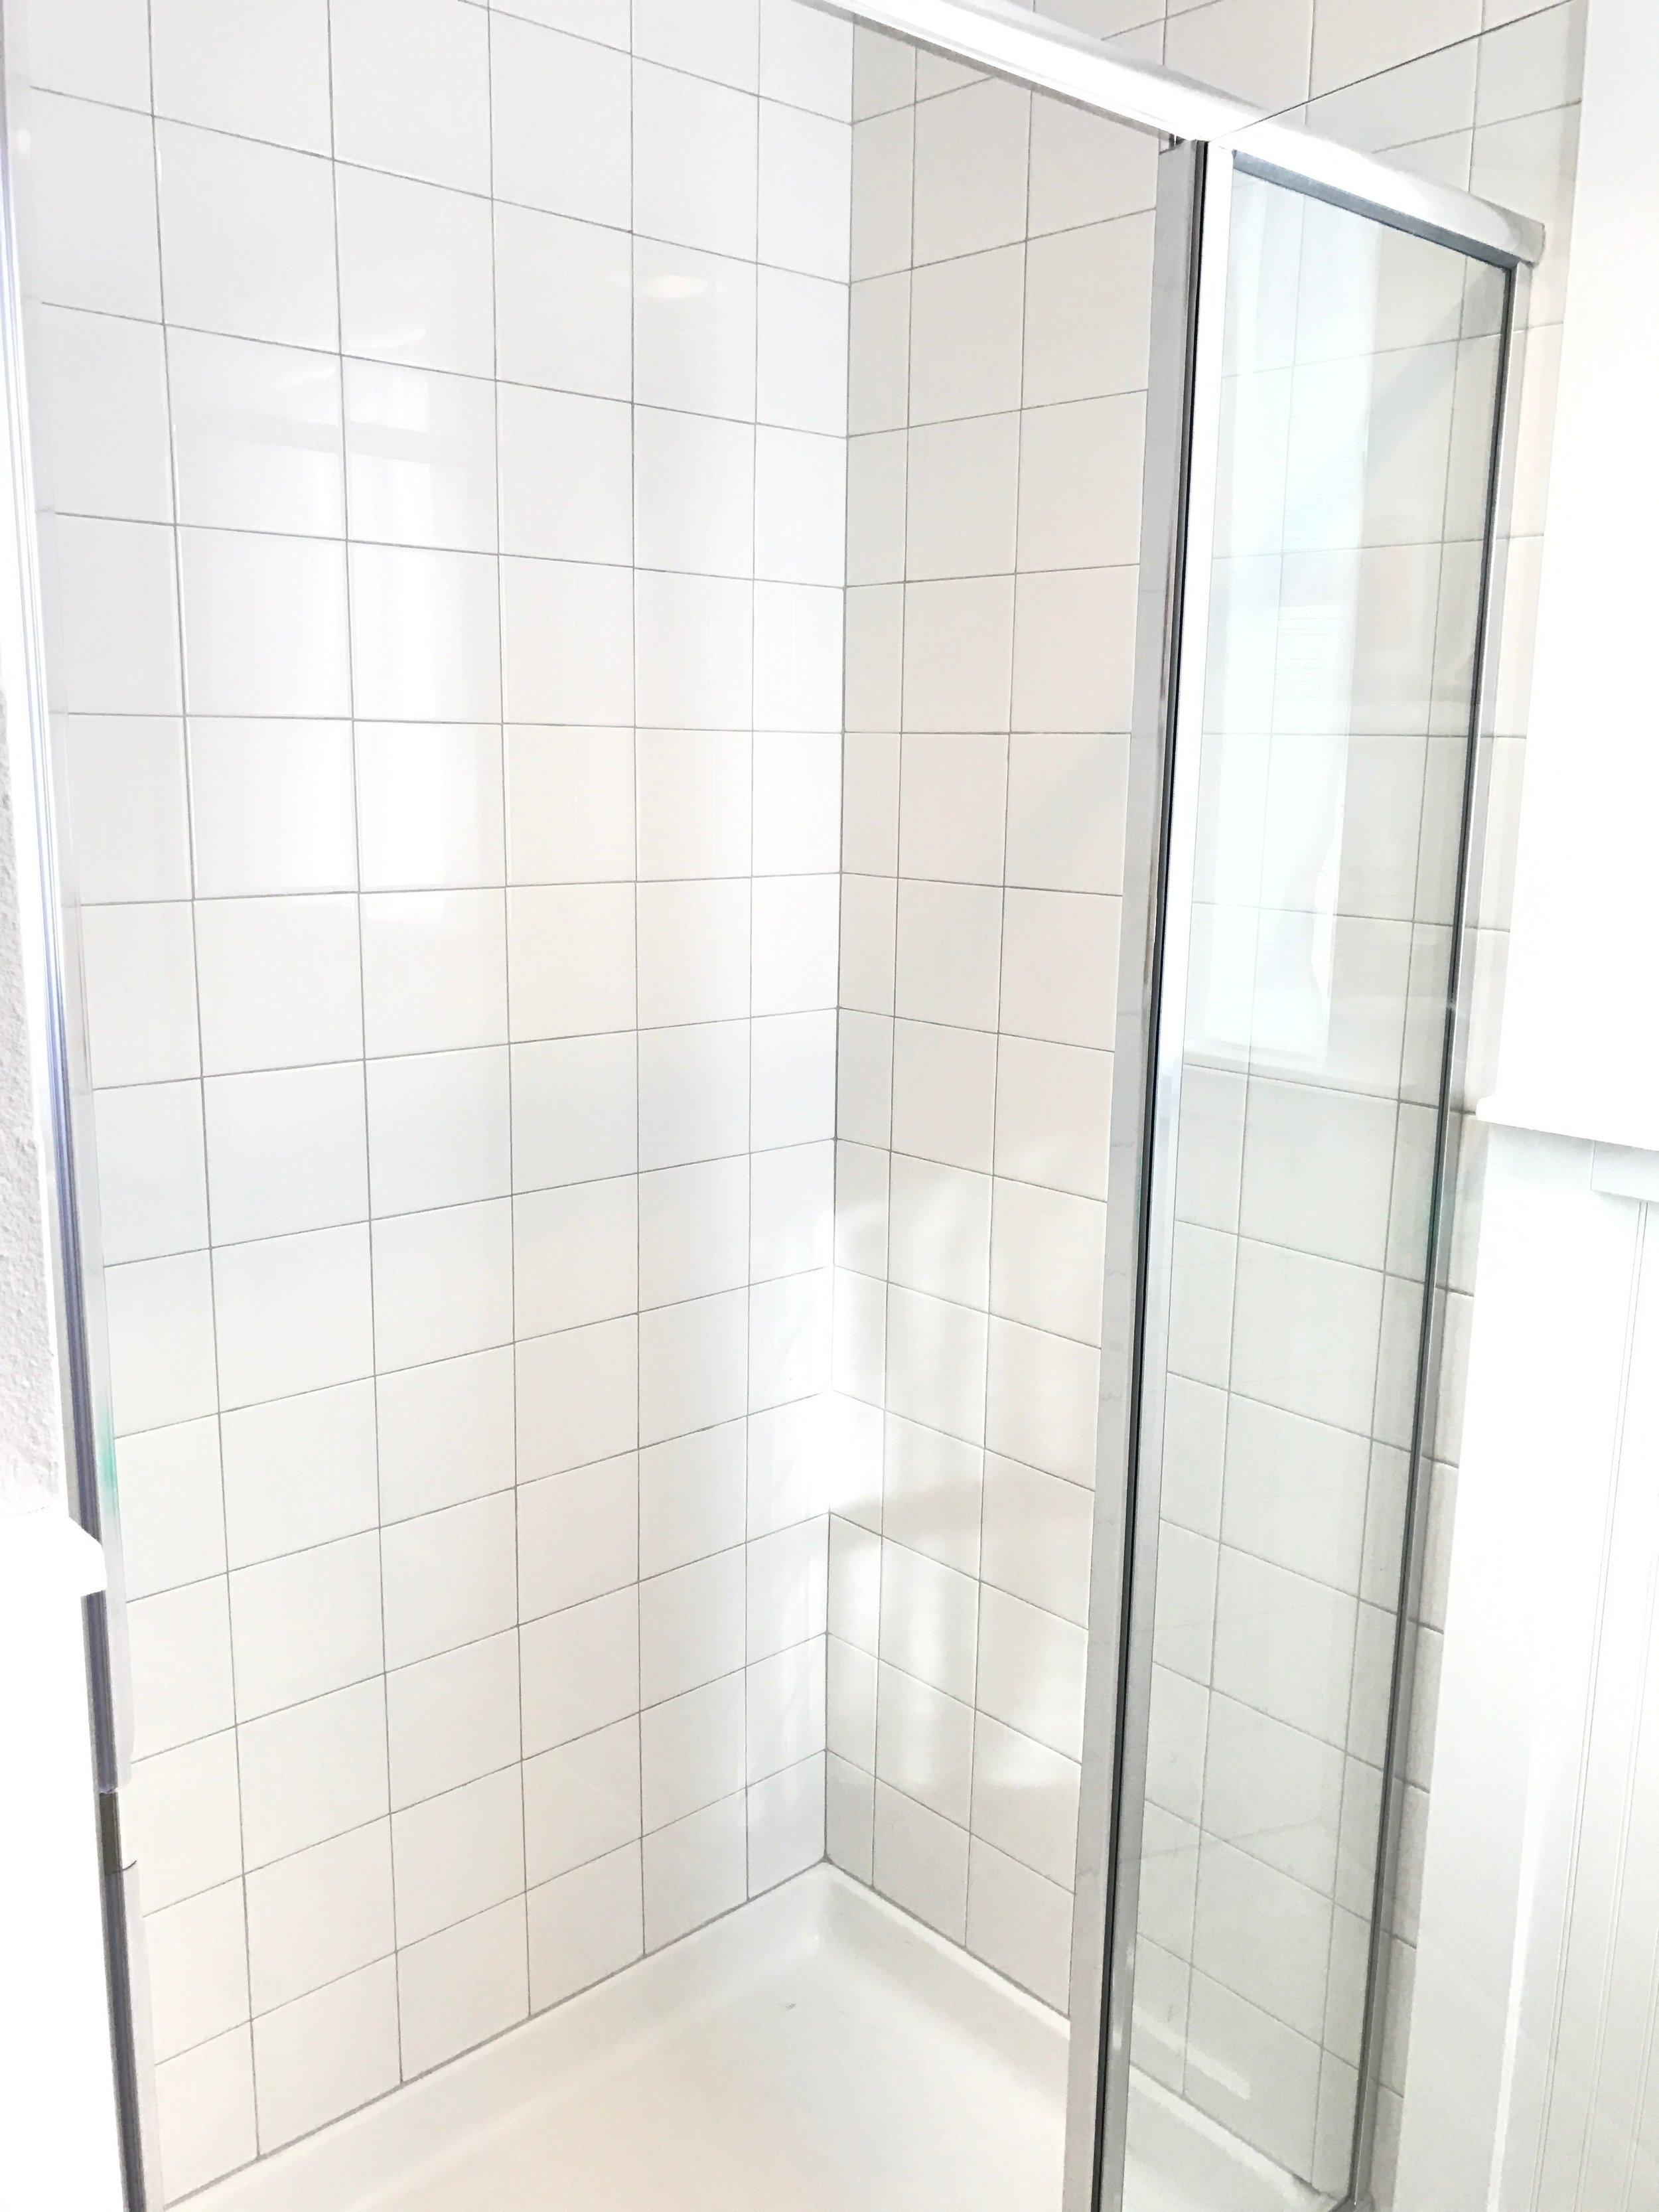 After shower